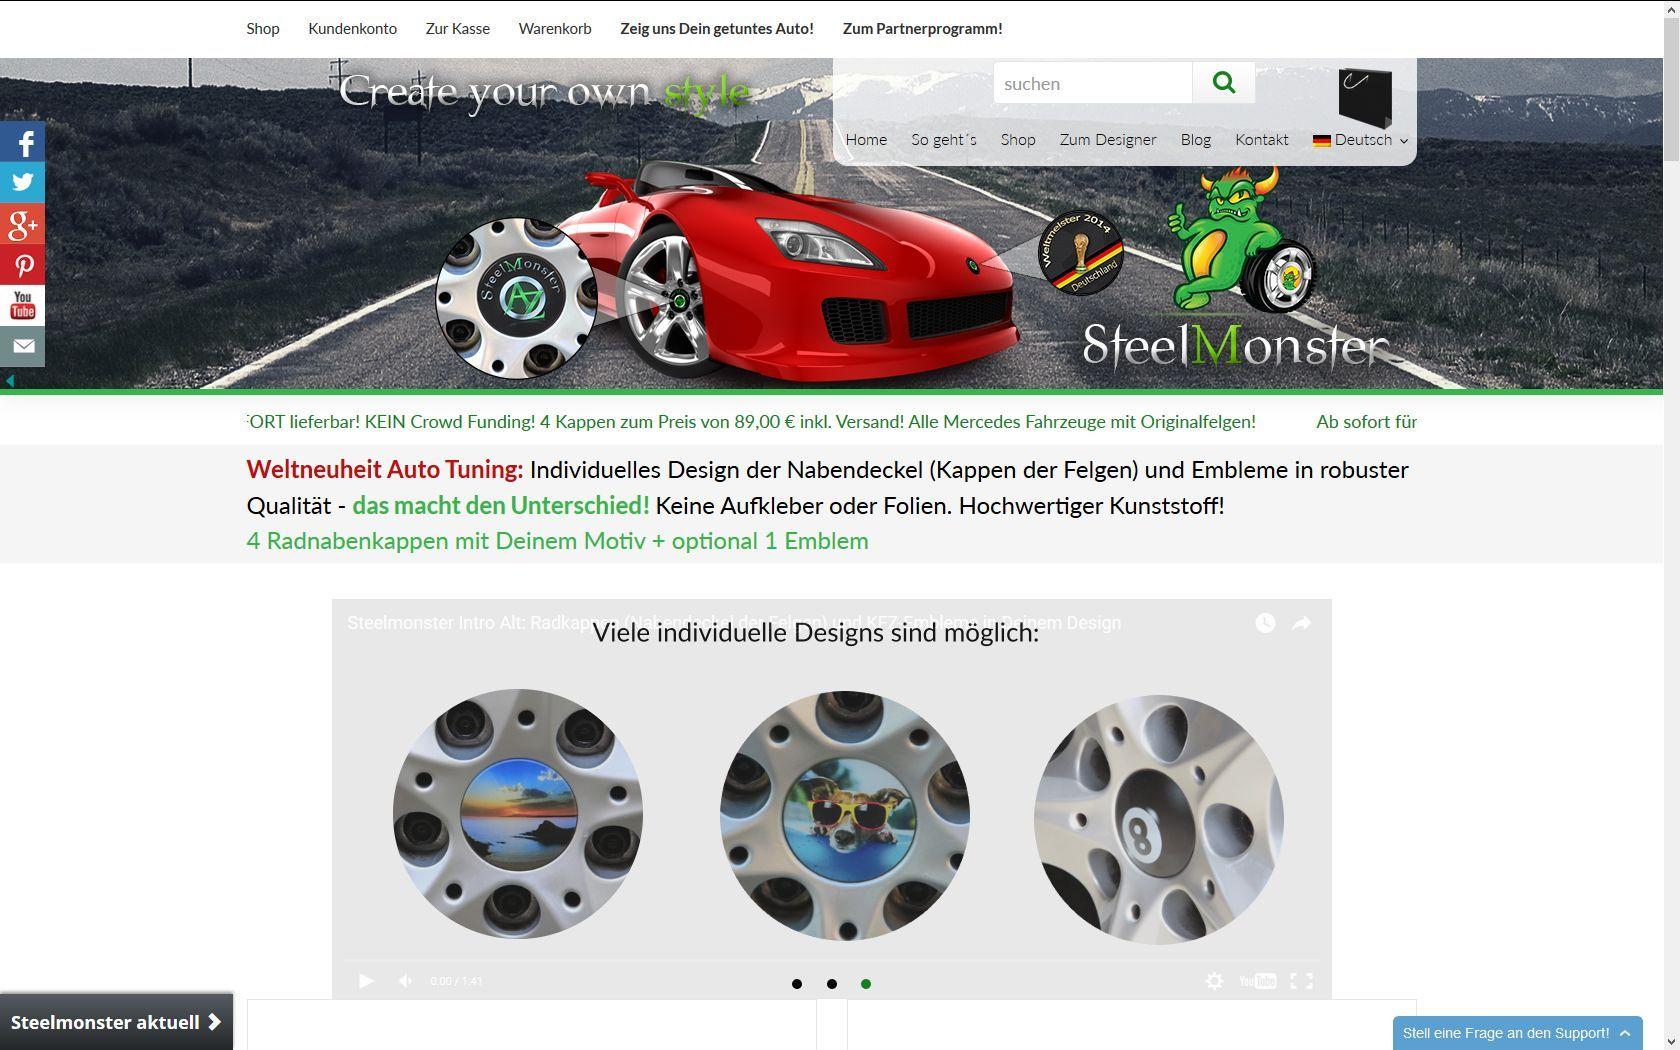 Steelmonster - Woocommerce Tuningshop - https://www.storetown-media.de/project/steelmonster/